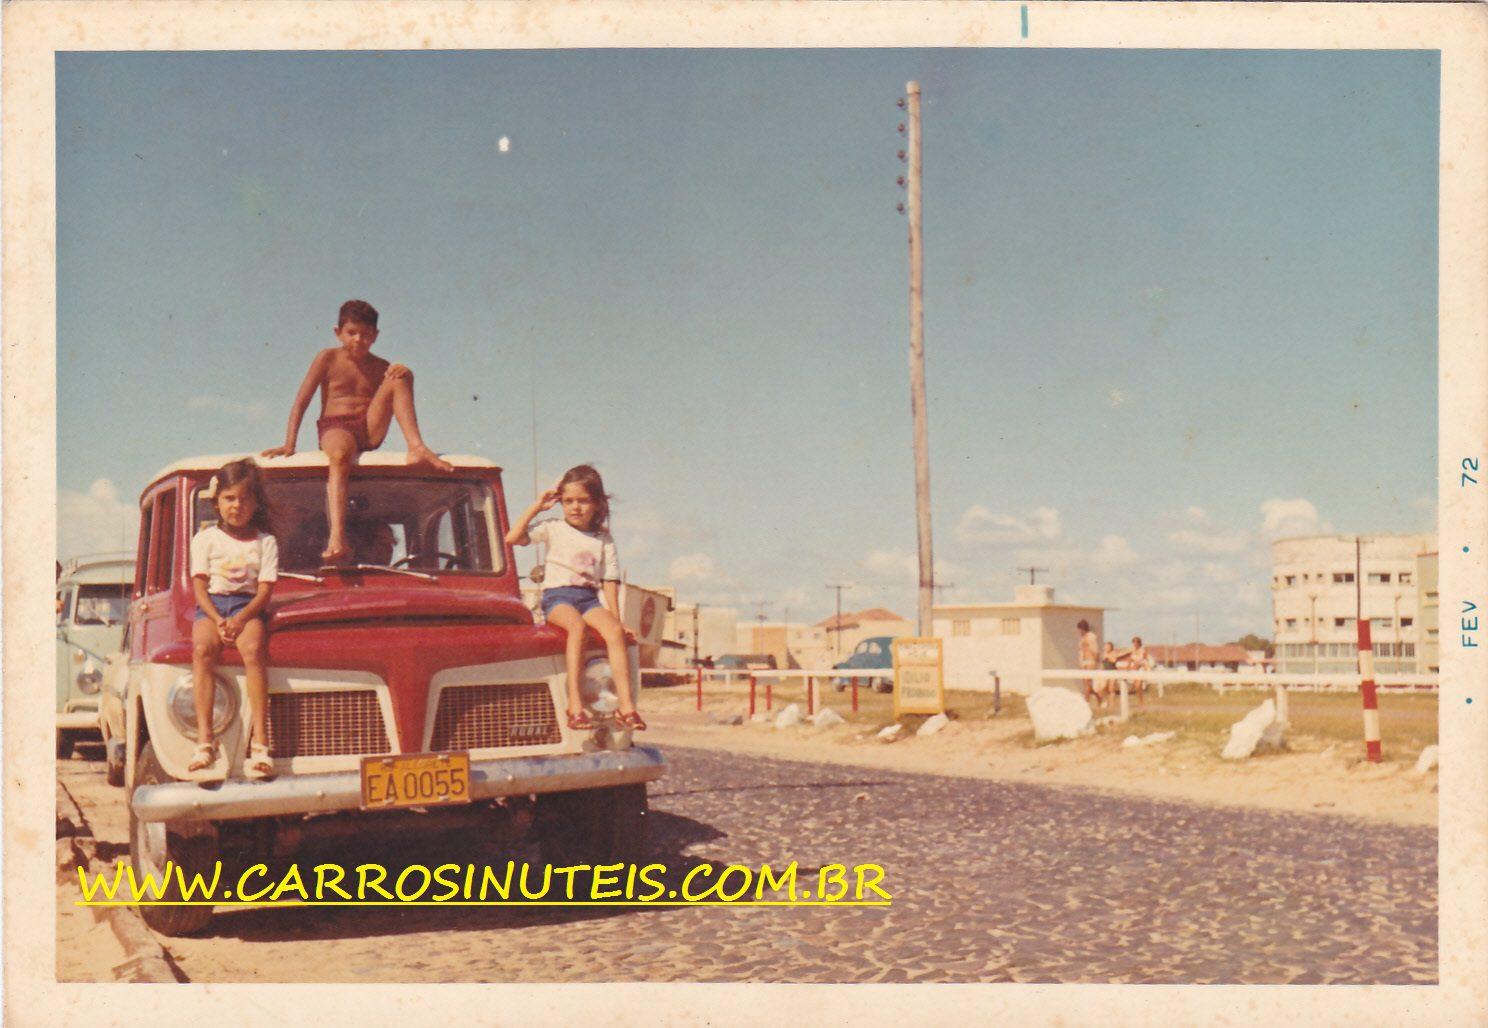 IMG_0012 Rural Willys, em 1972, em Tramandaí, RS, colaboração de Elisete Dutra